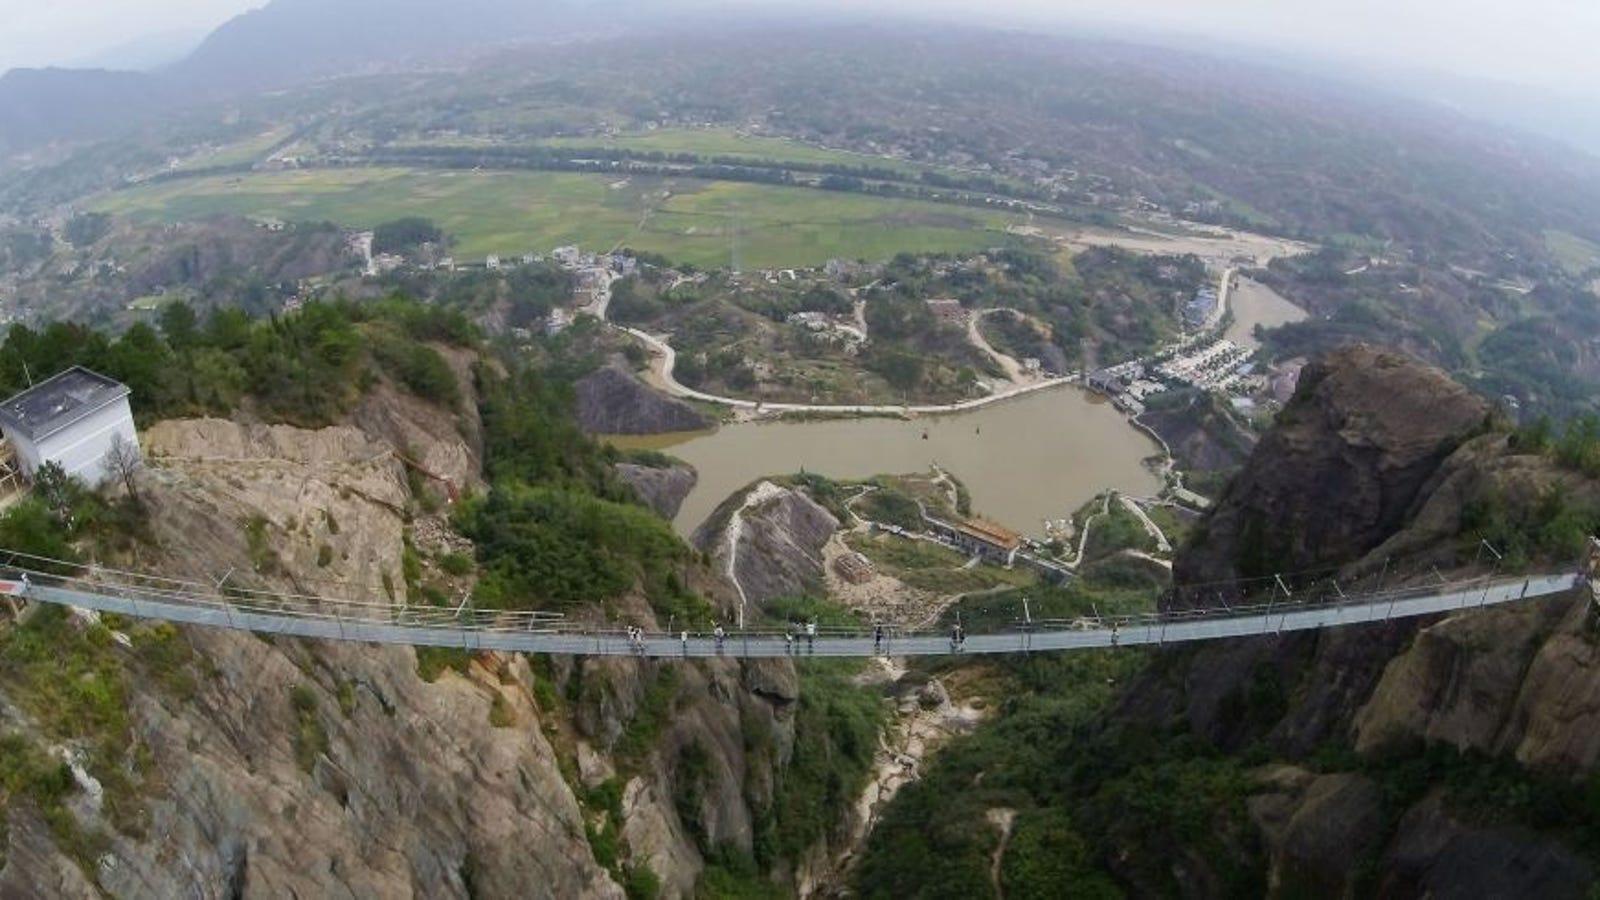 La pasarela de cristal más alta del mundo se agrieta, ocasionando pánico a turistas